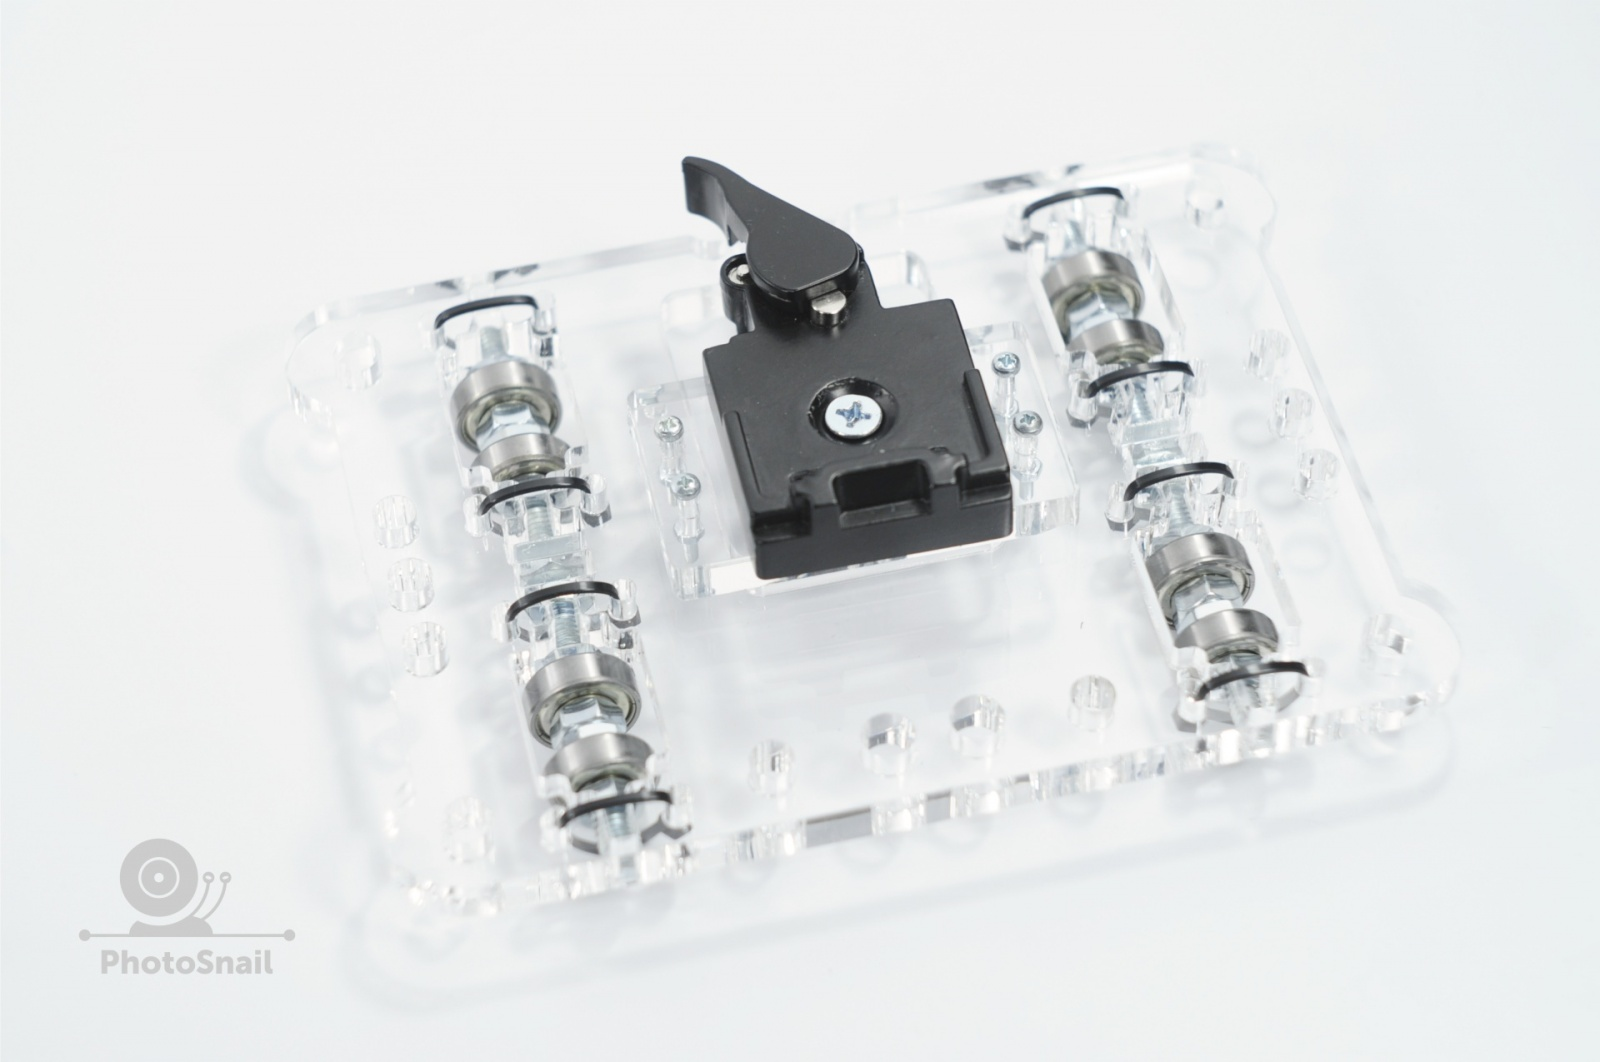 DIY моторизированный слайдер для съемки TimeLapse и видео - 11